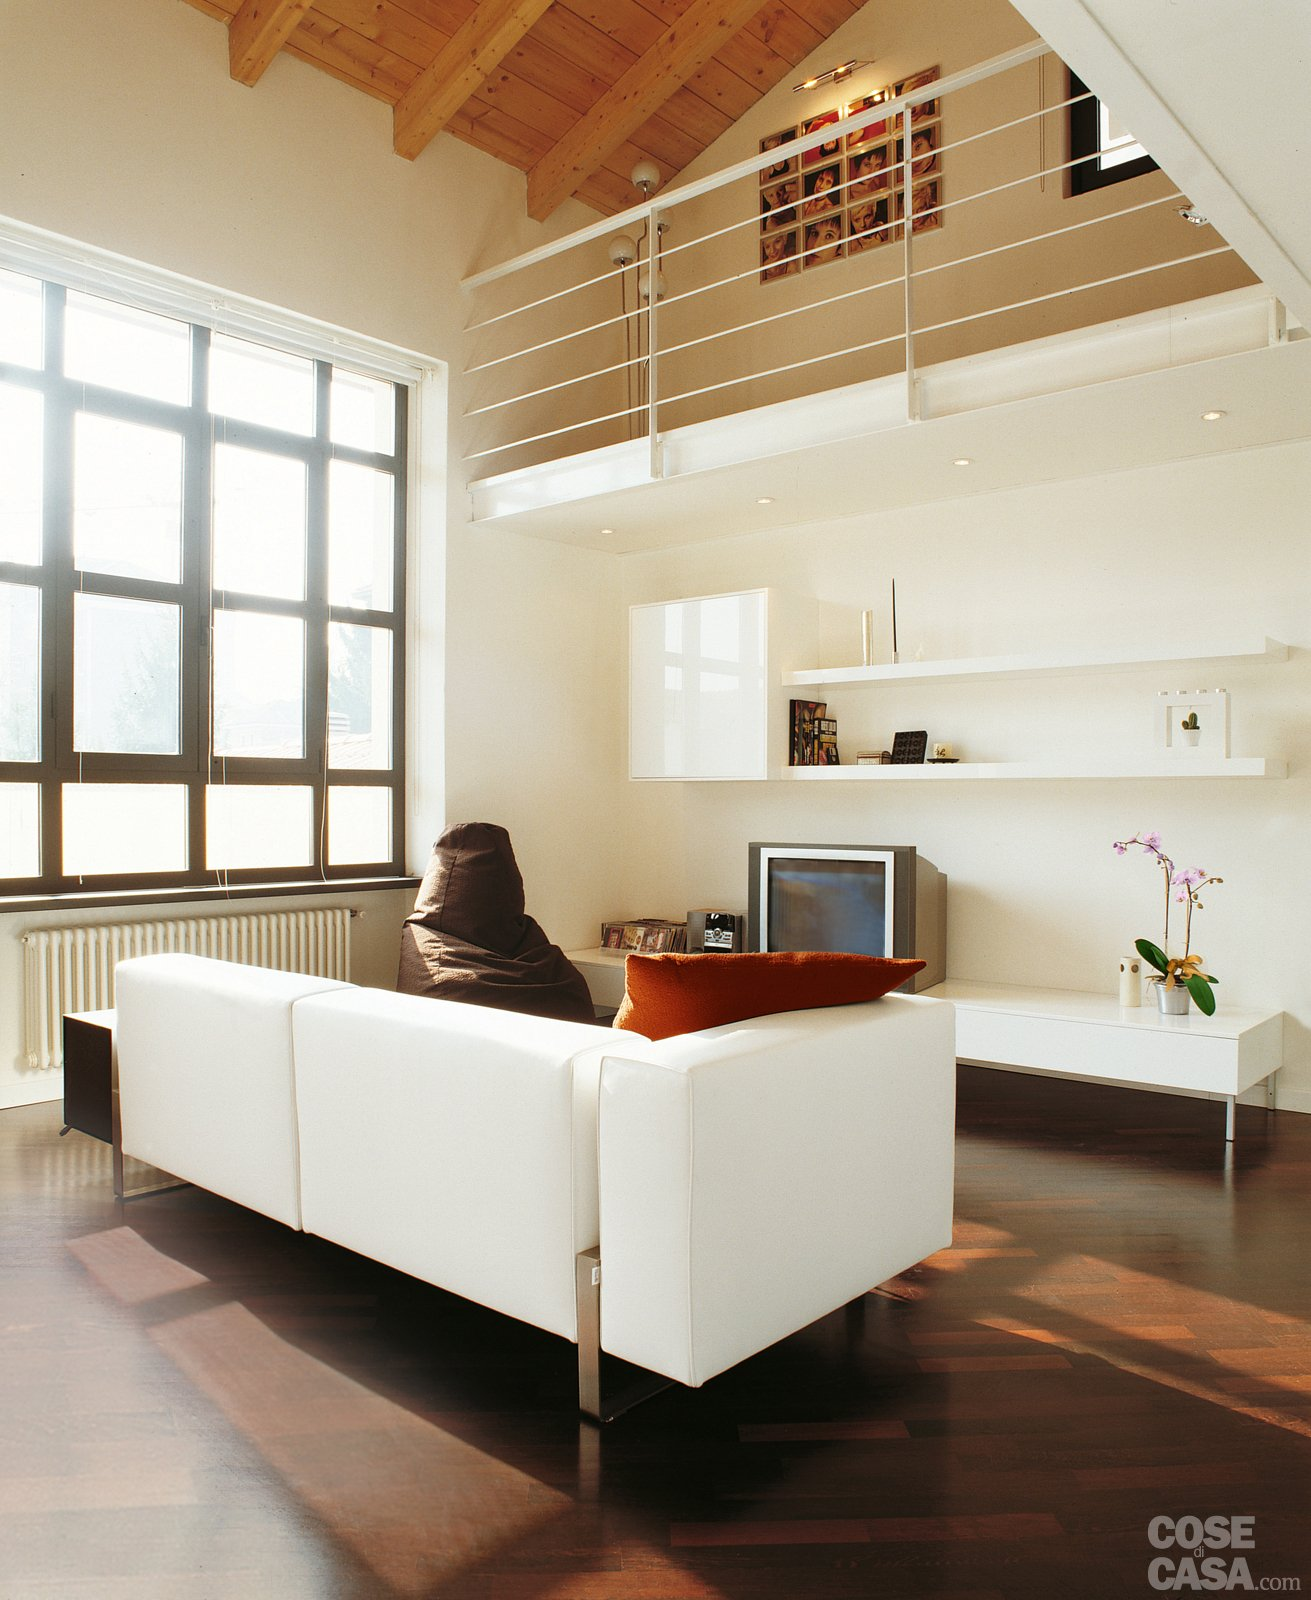 Una casa a doppia altezza con soppalco di 70 mq cose di casa for Piccole immagini del piano casa